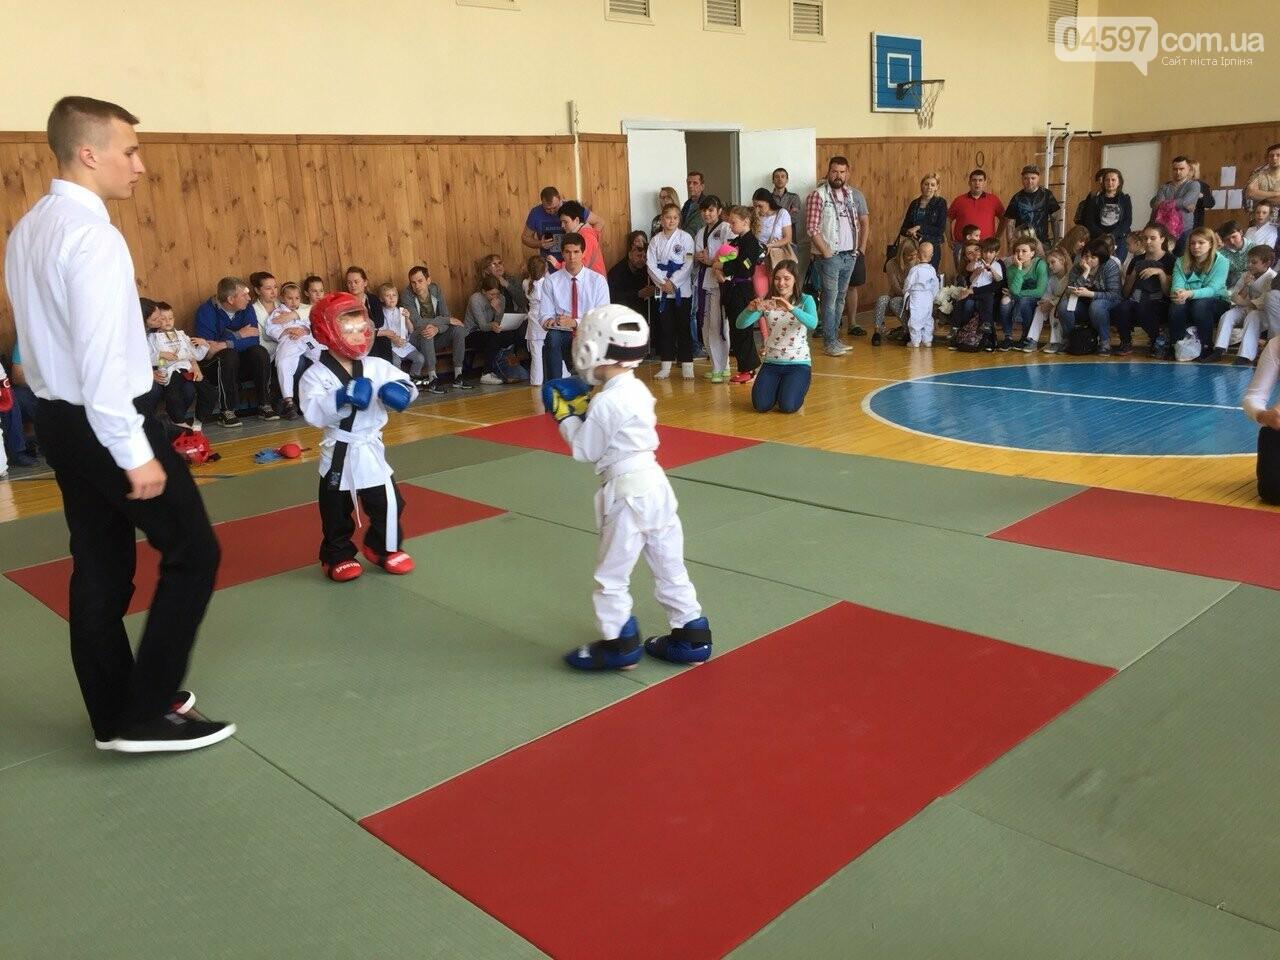 У Гостомелі пройшов дитячий турнір з карате, фото-1